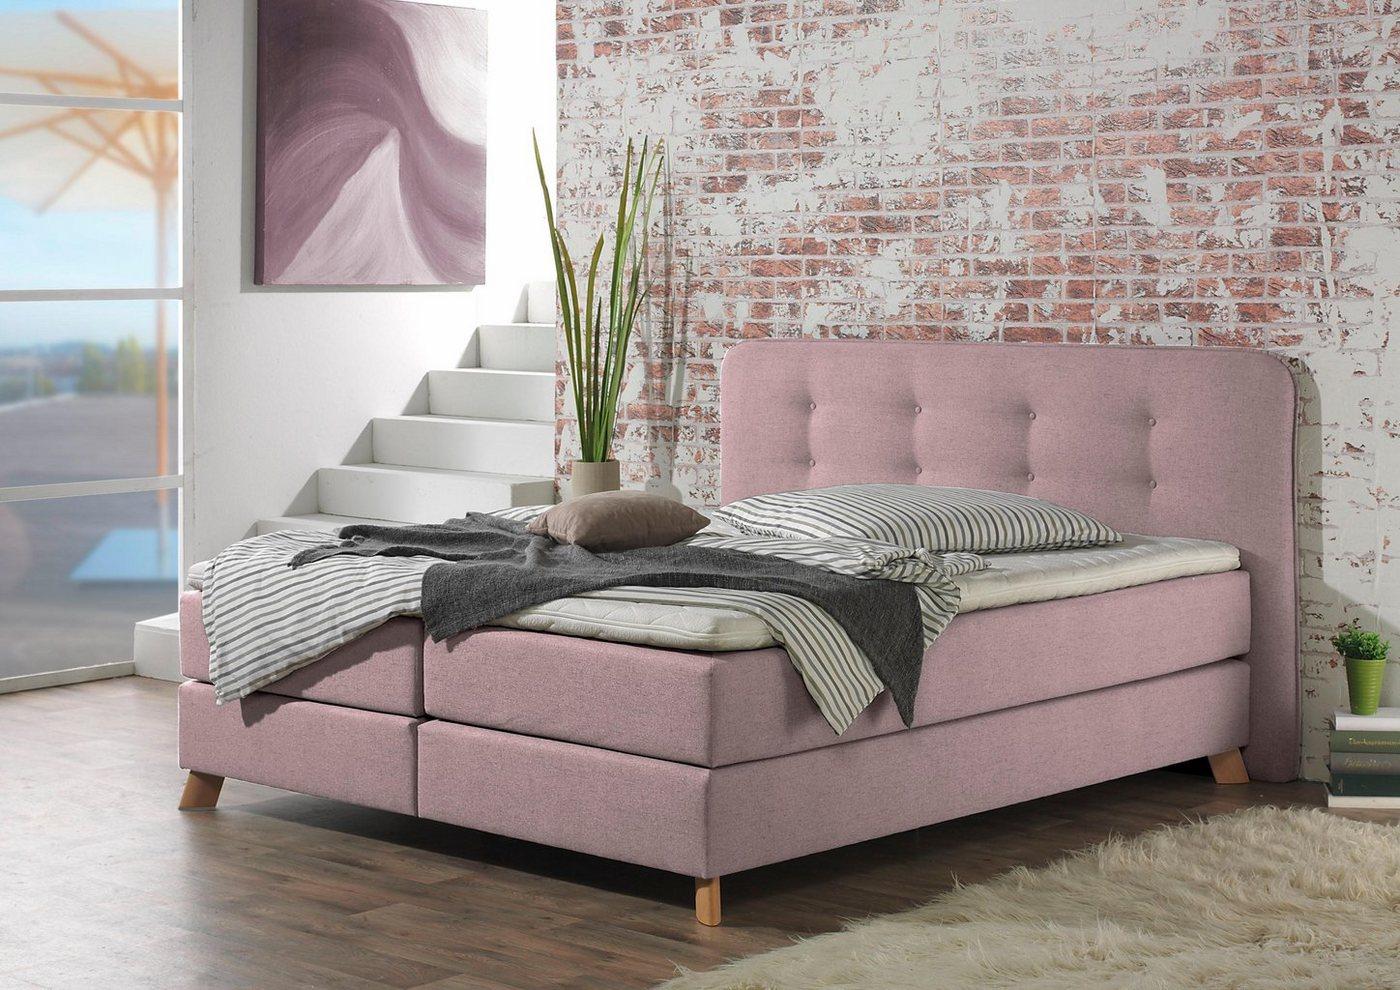 Boxspringbett »Cecina«, H2, Landhaus-Stil, rosa günstig online kaufen